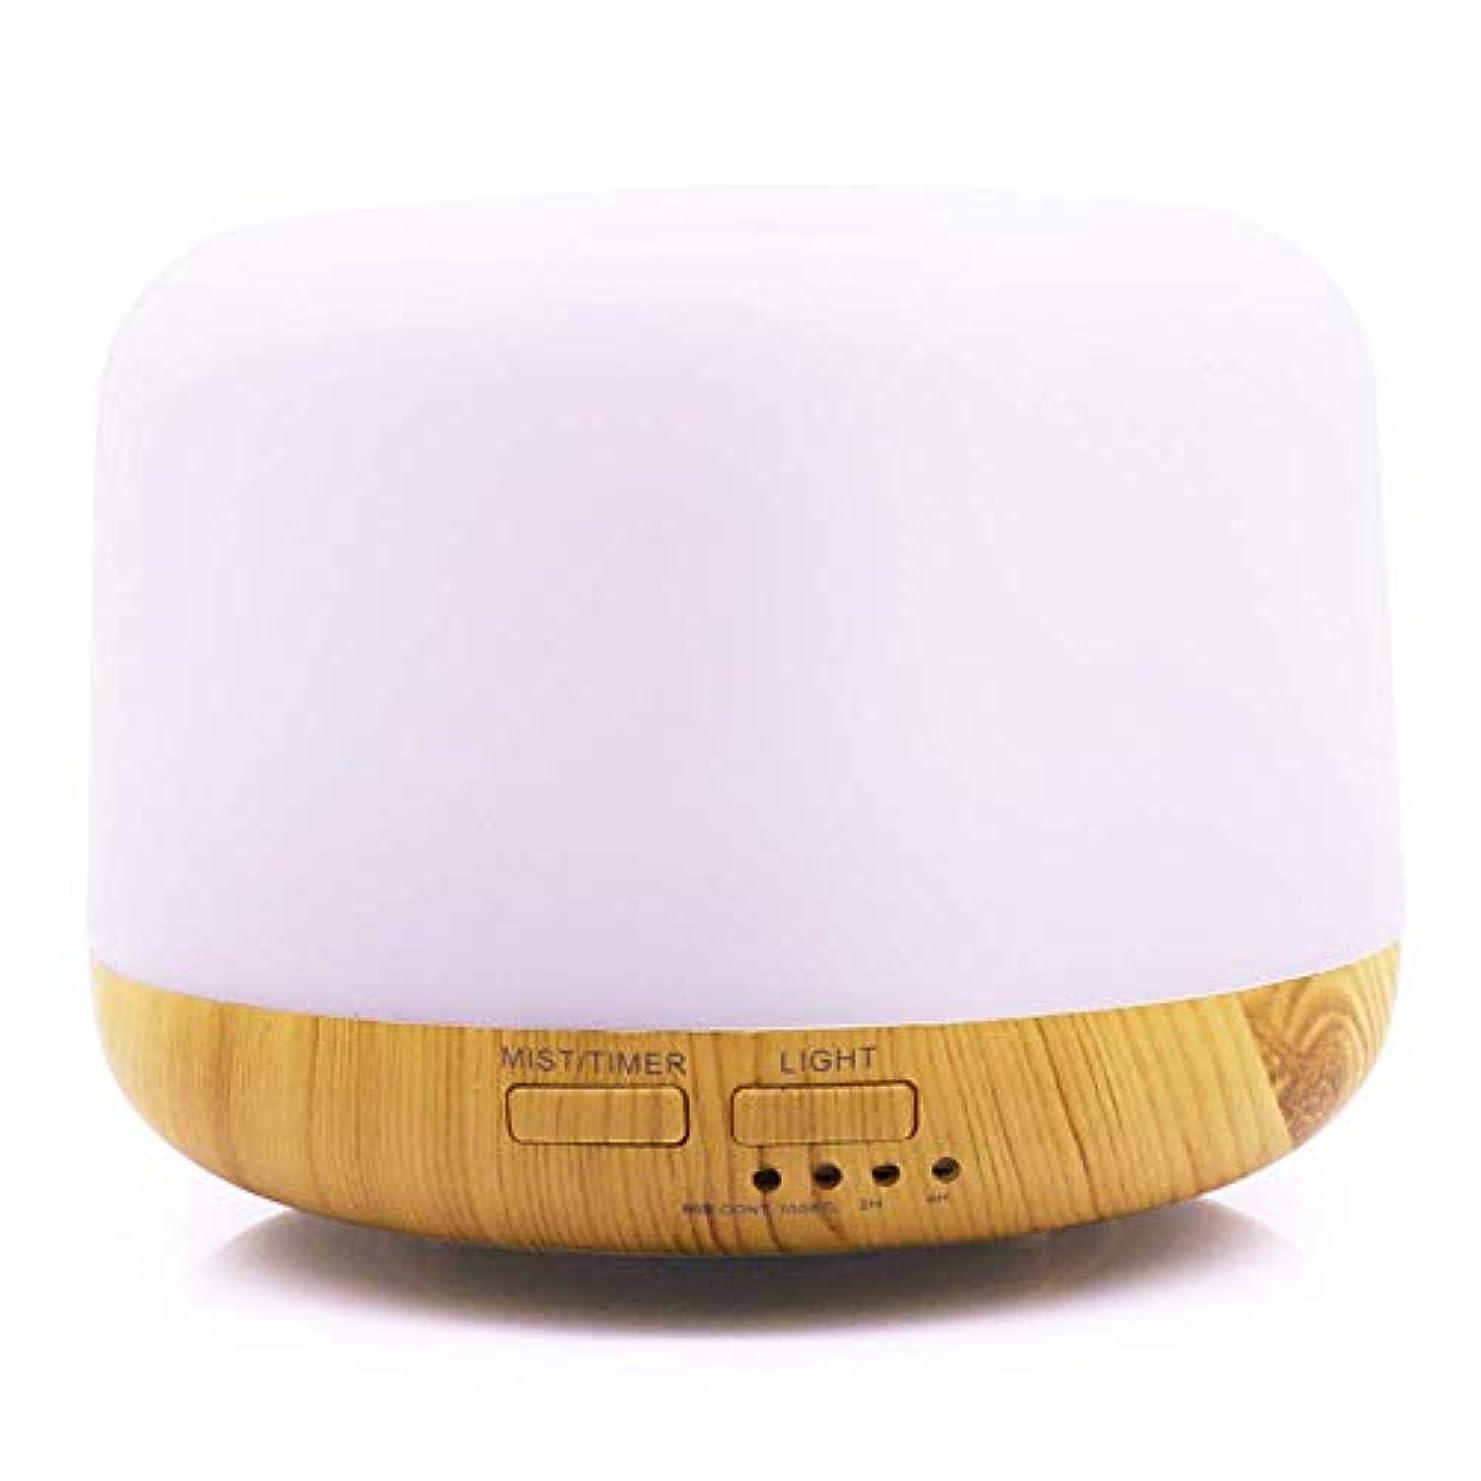 ぬいぐるみ音法王超音波カラフルなライトアロマテラピーマシンLED照明パンの加湿器ホームオフィスの美しさ,Natural